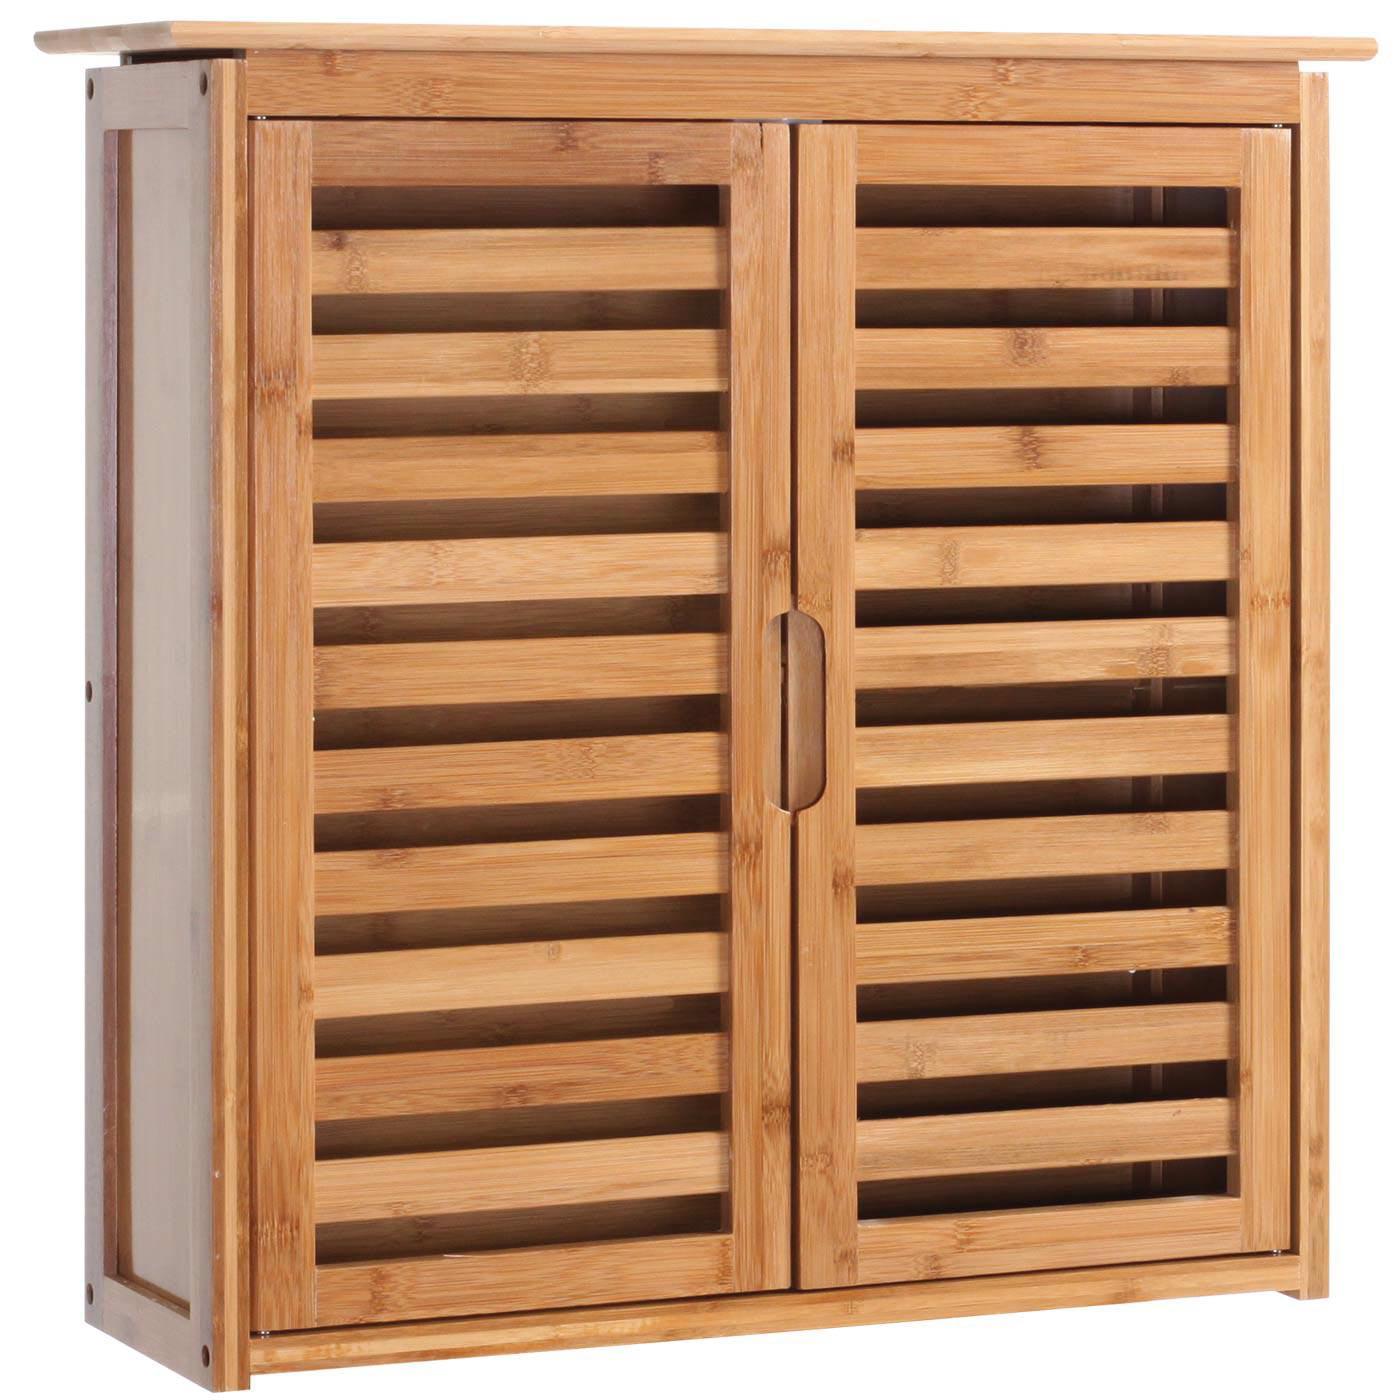 Badschrank bambus  Waschbeckenunterschrank Bambus: Badezimmer bambus bnbnews.co.